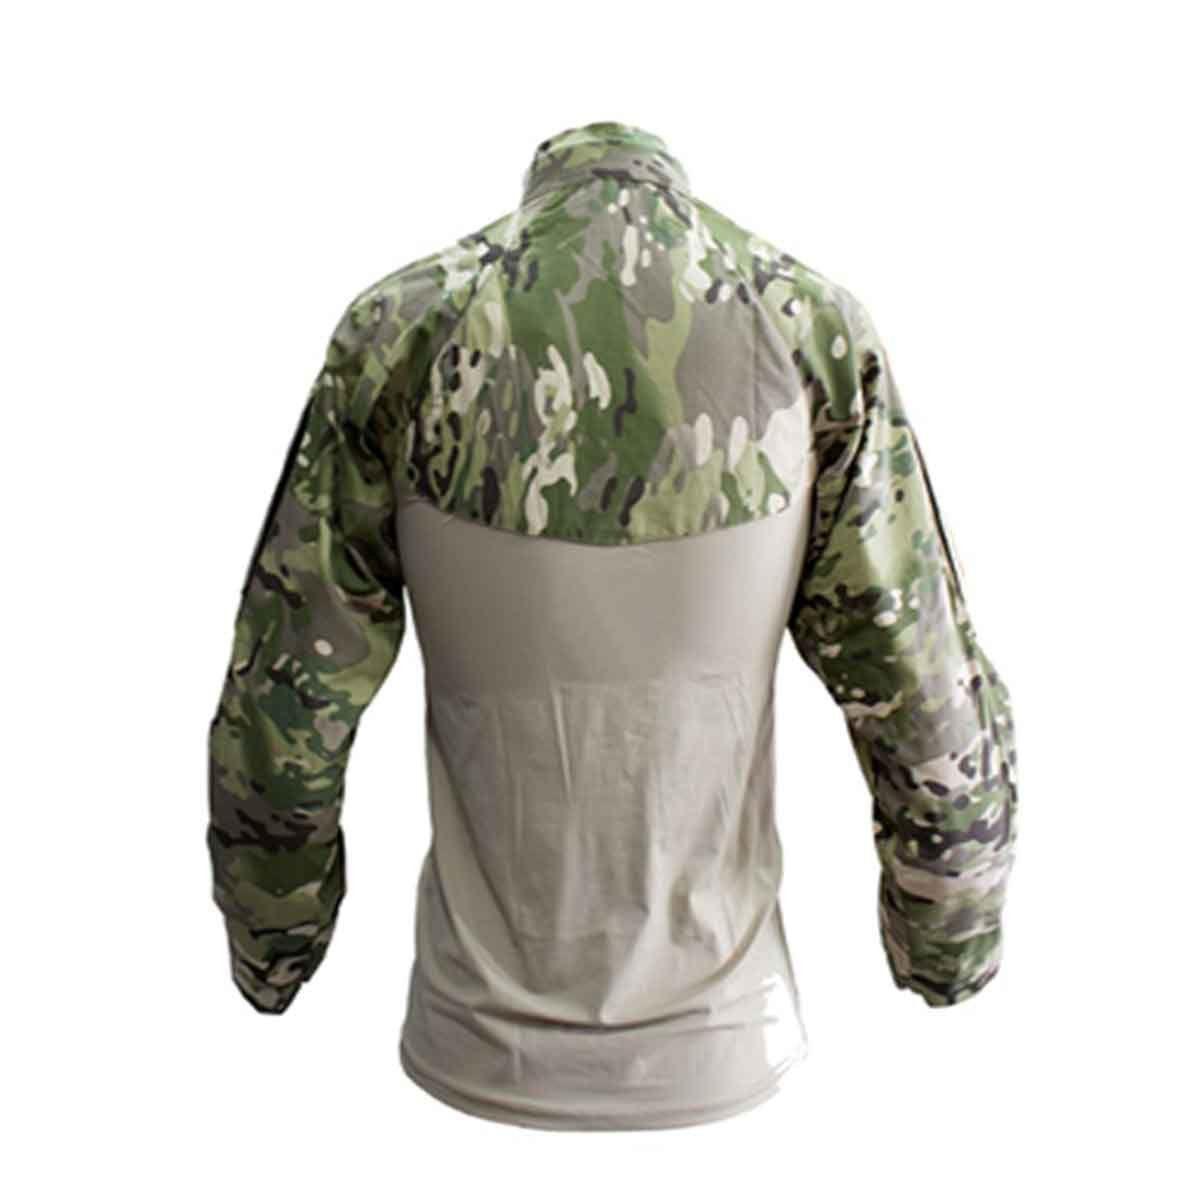 Combat Shirt Hrt Dacs - Multicam